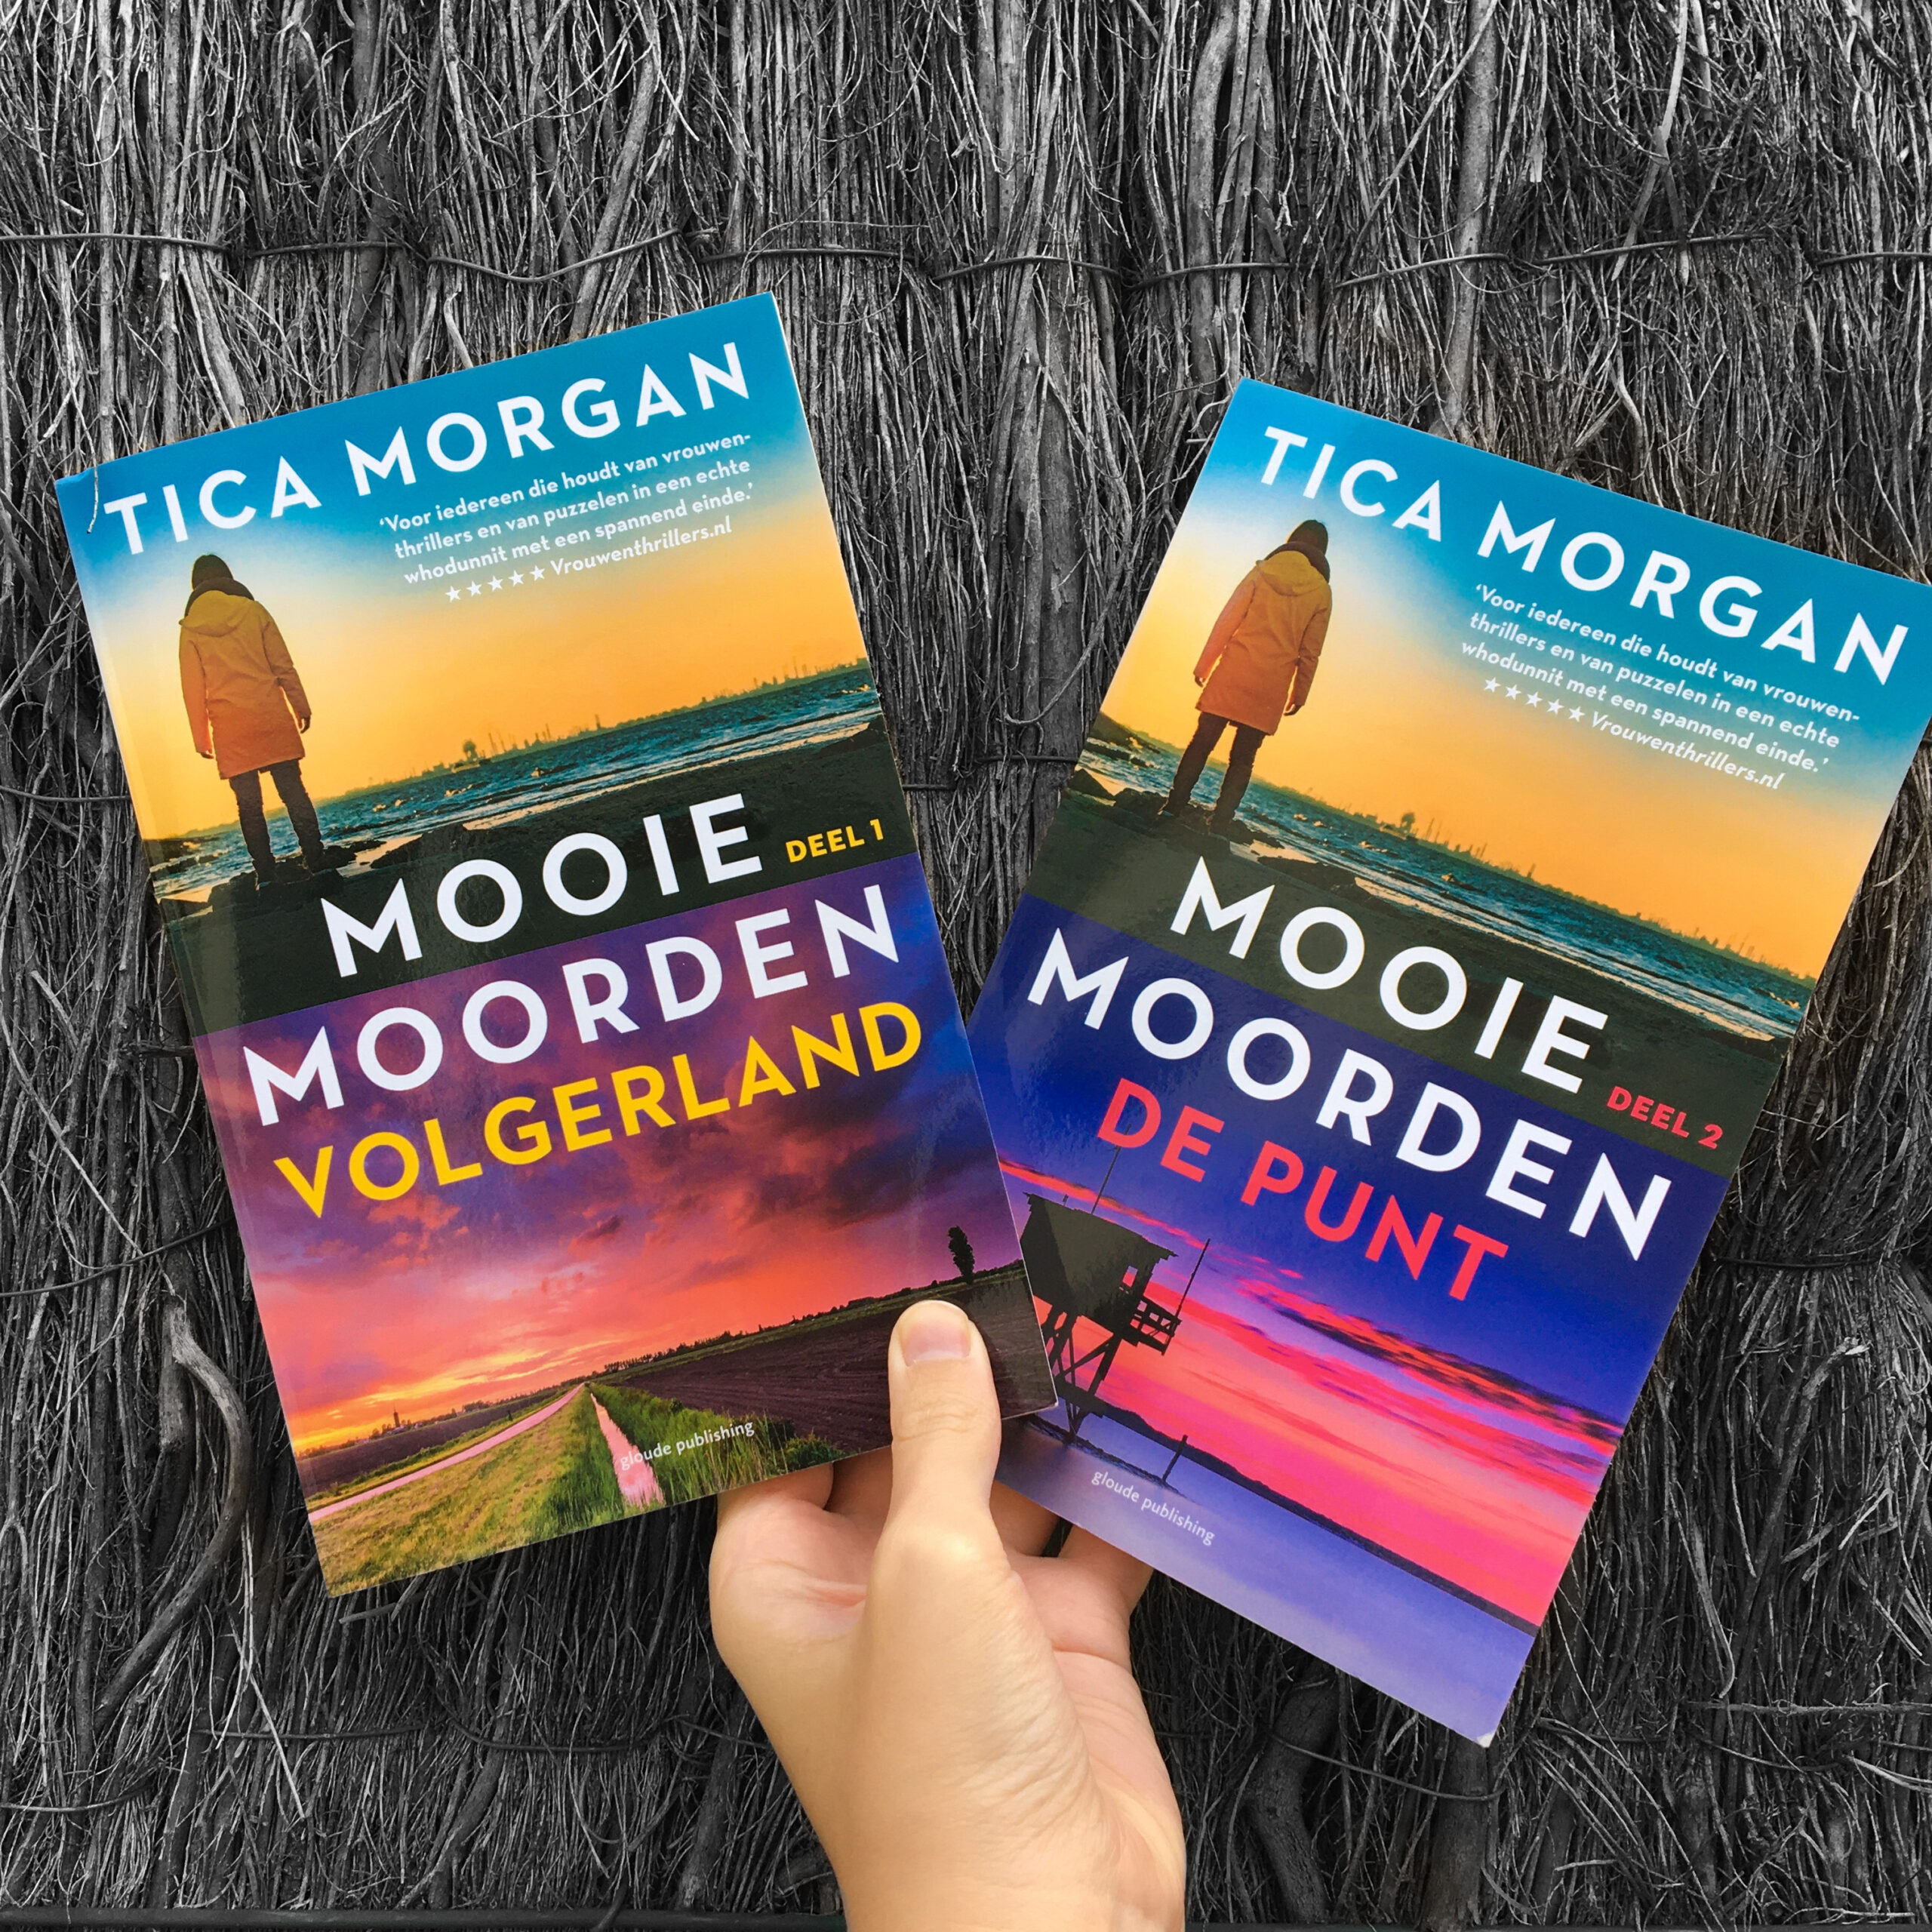 Mooie Moorden - Tica Morgan